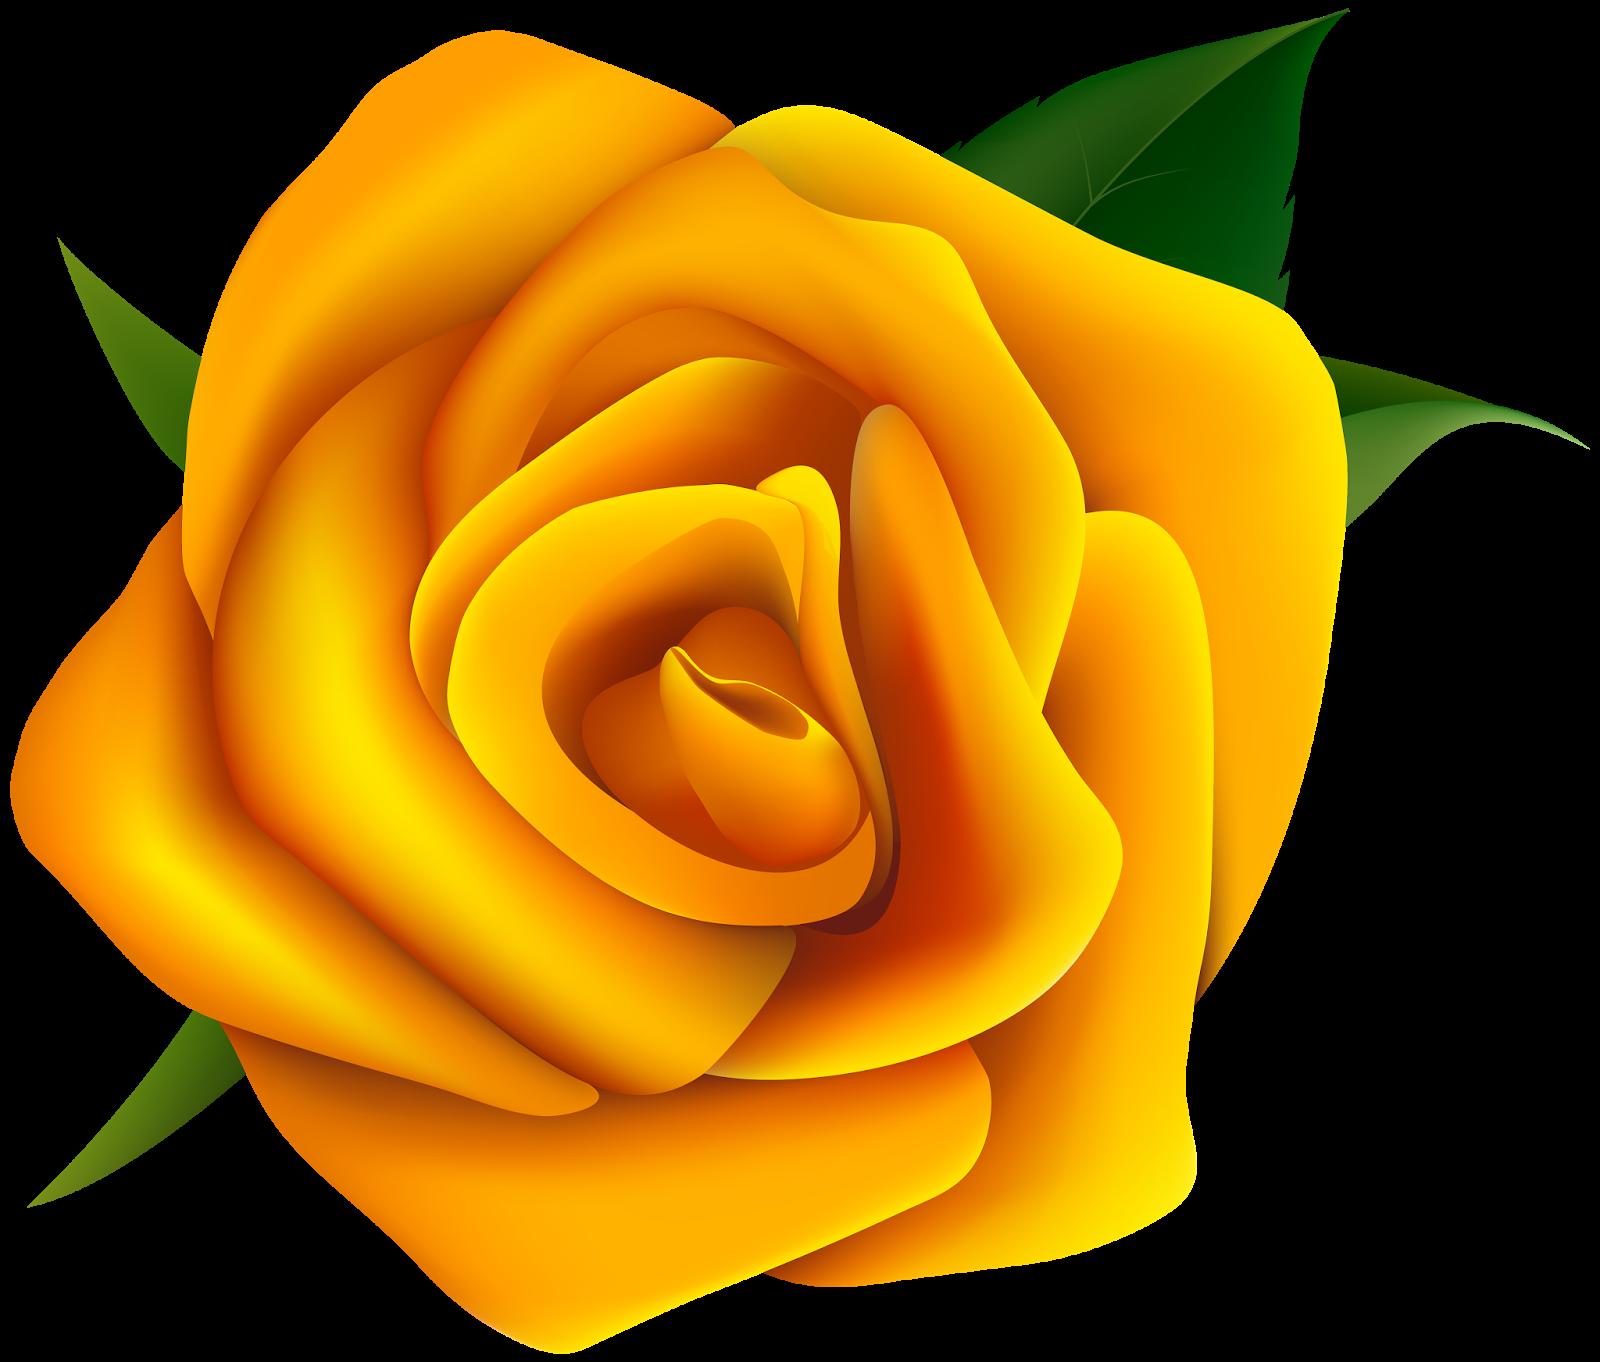 Картинки желтых роз на прозрачном фоне для фотошопа, гифы добрым